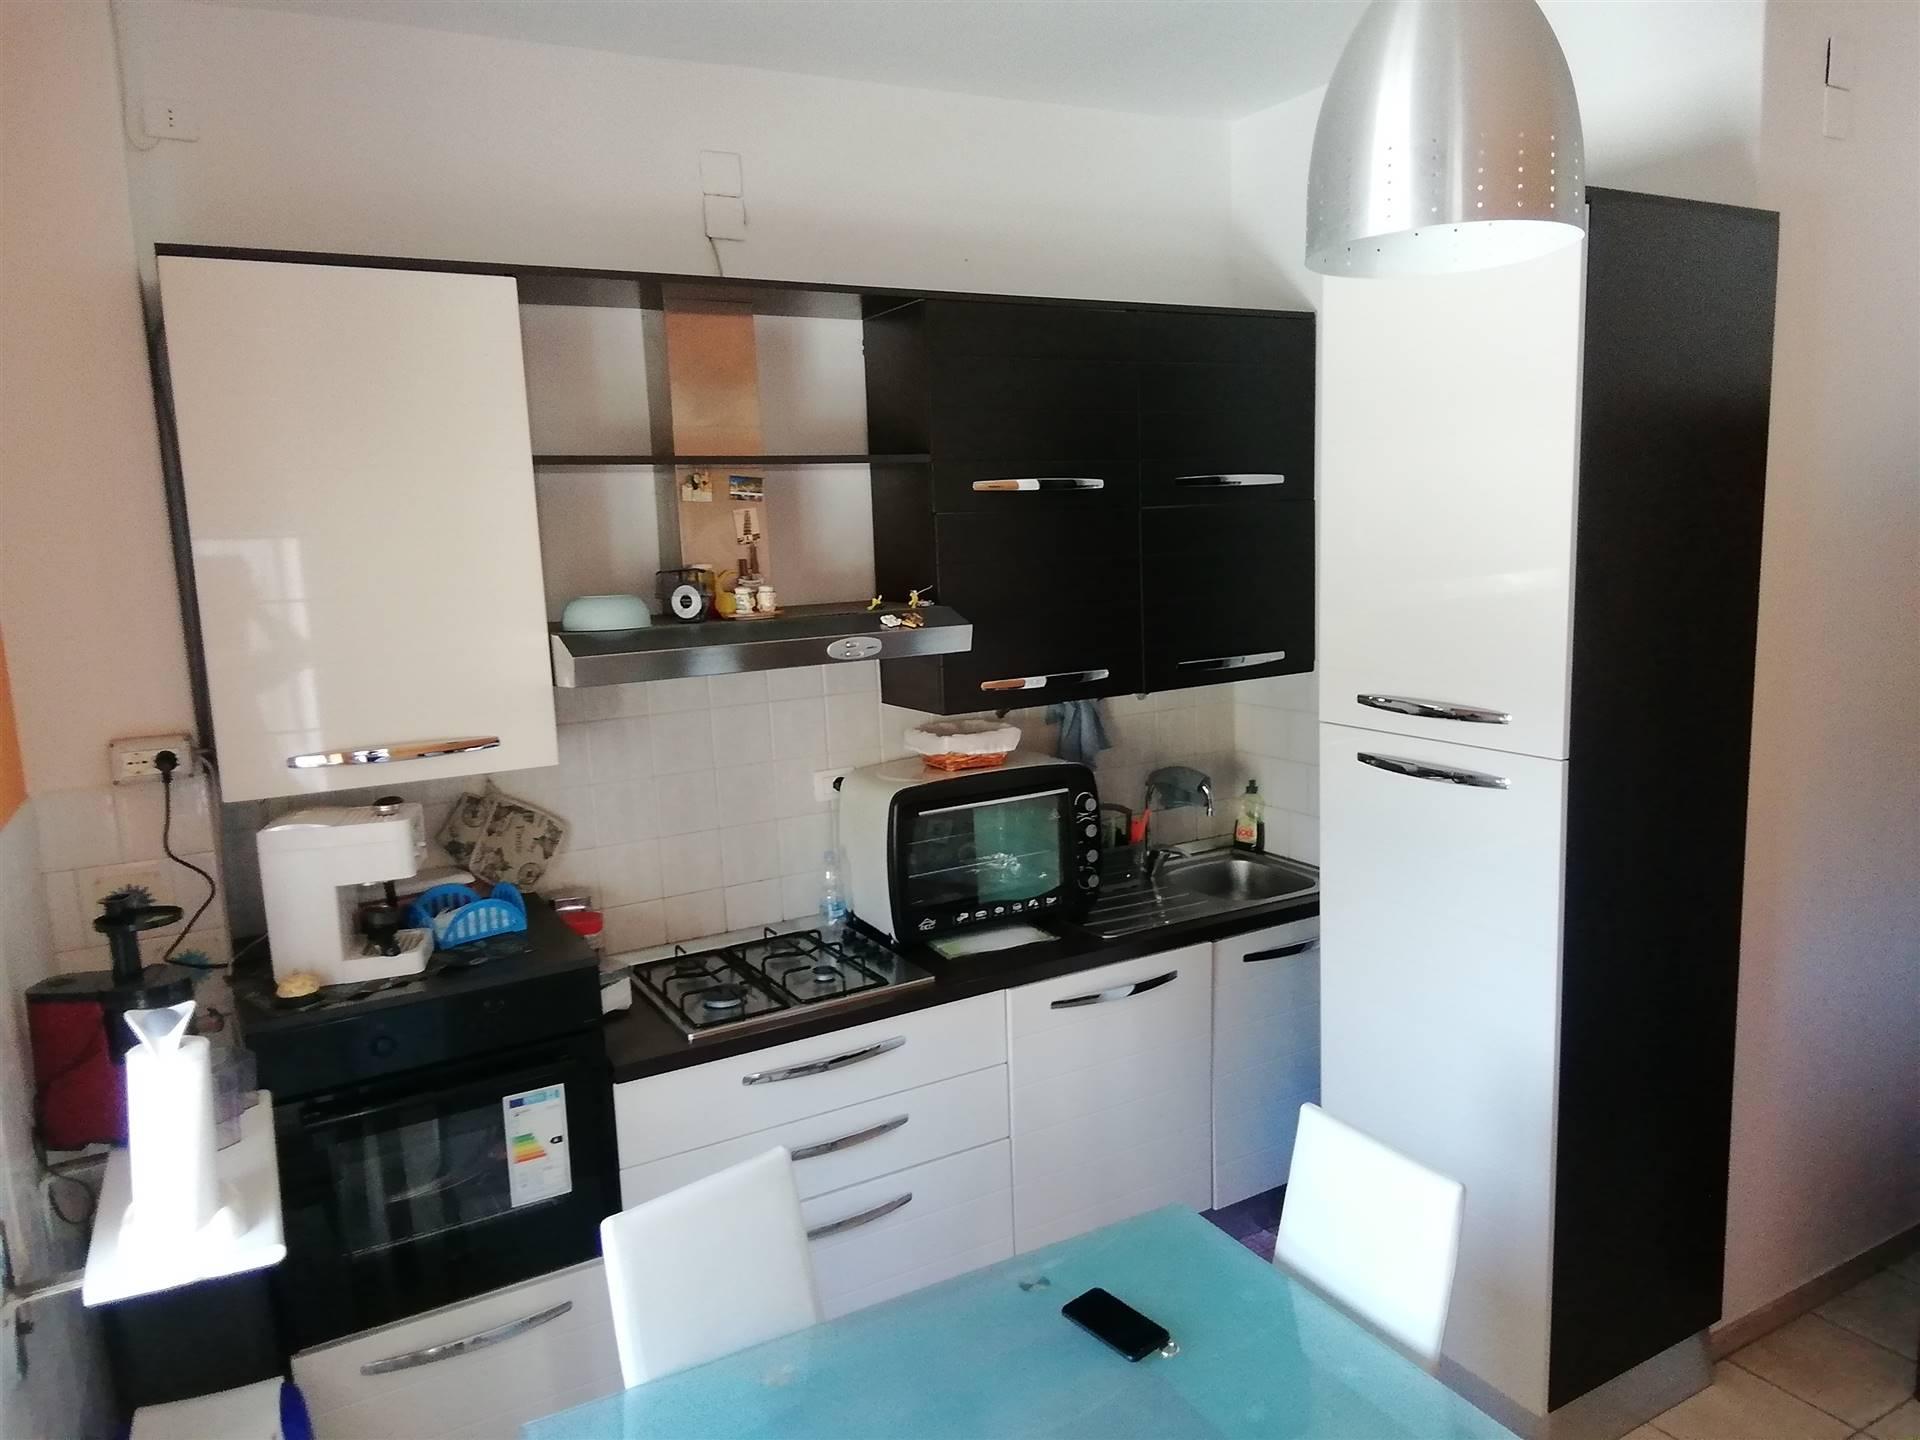 Appartamento in vendita a Caltagirone, 6 locali, prezzo € 154.000 | CambioCasa.it